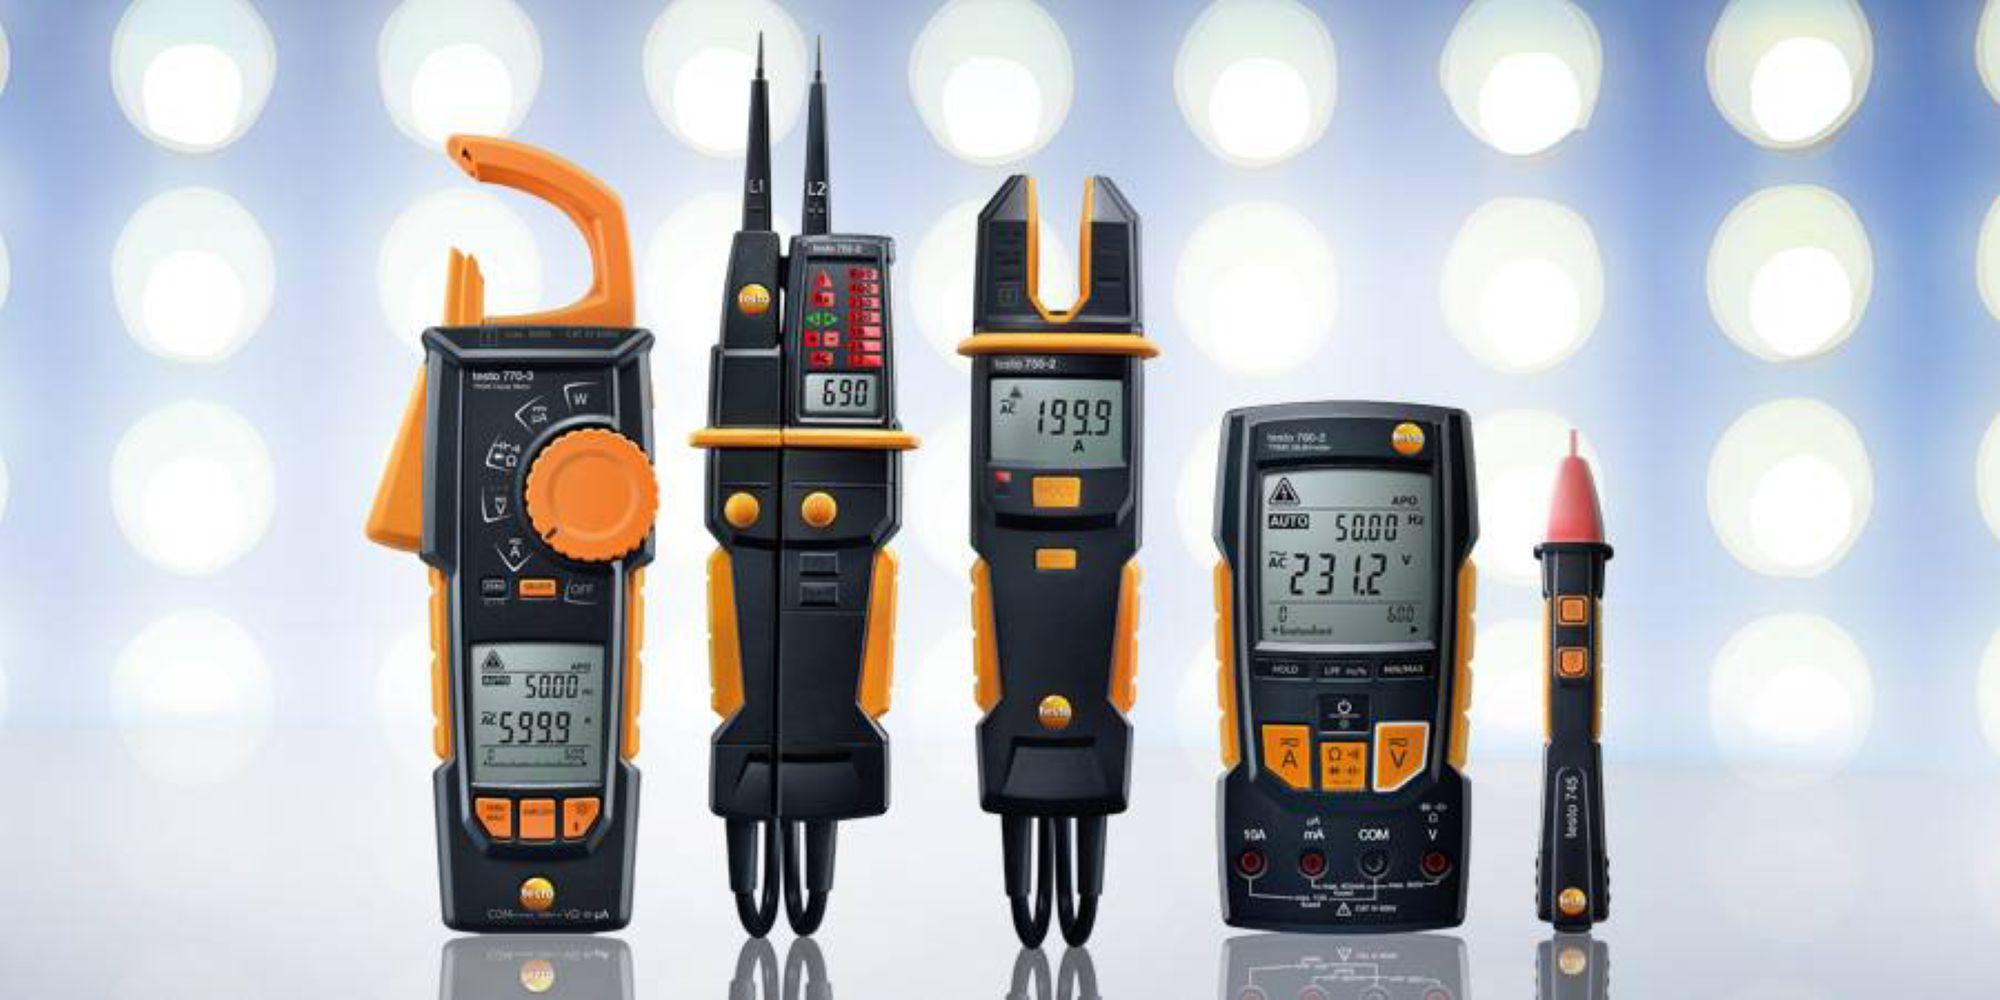 Les appareils de mesure électrique de Testo